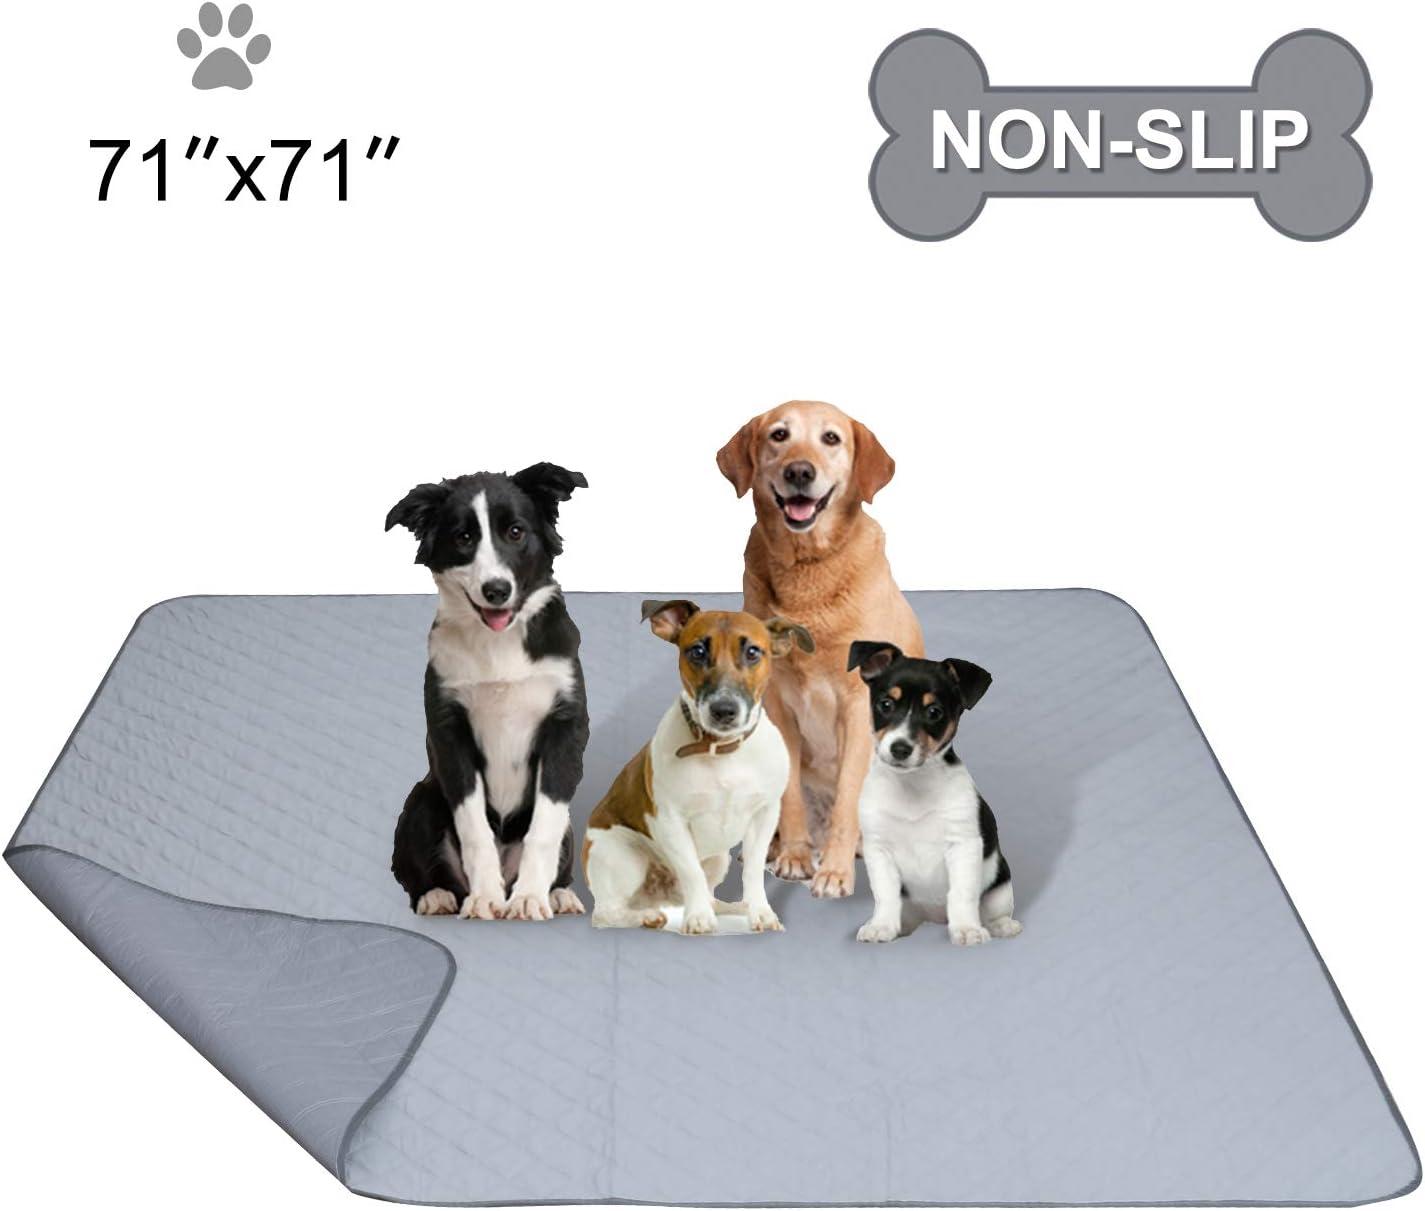 Niubya Washable Dog Pee Pads